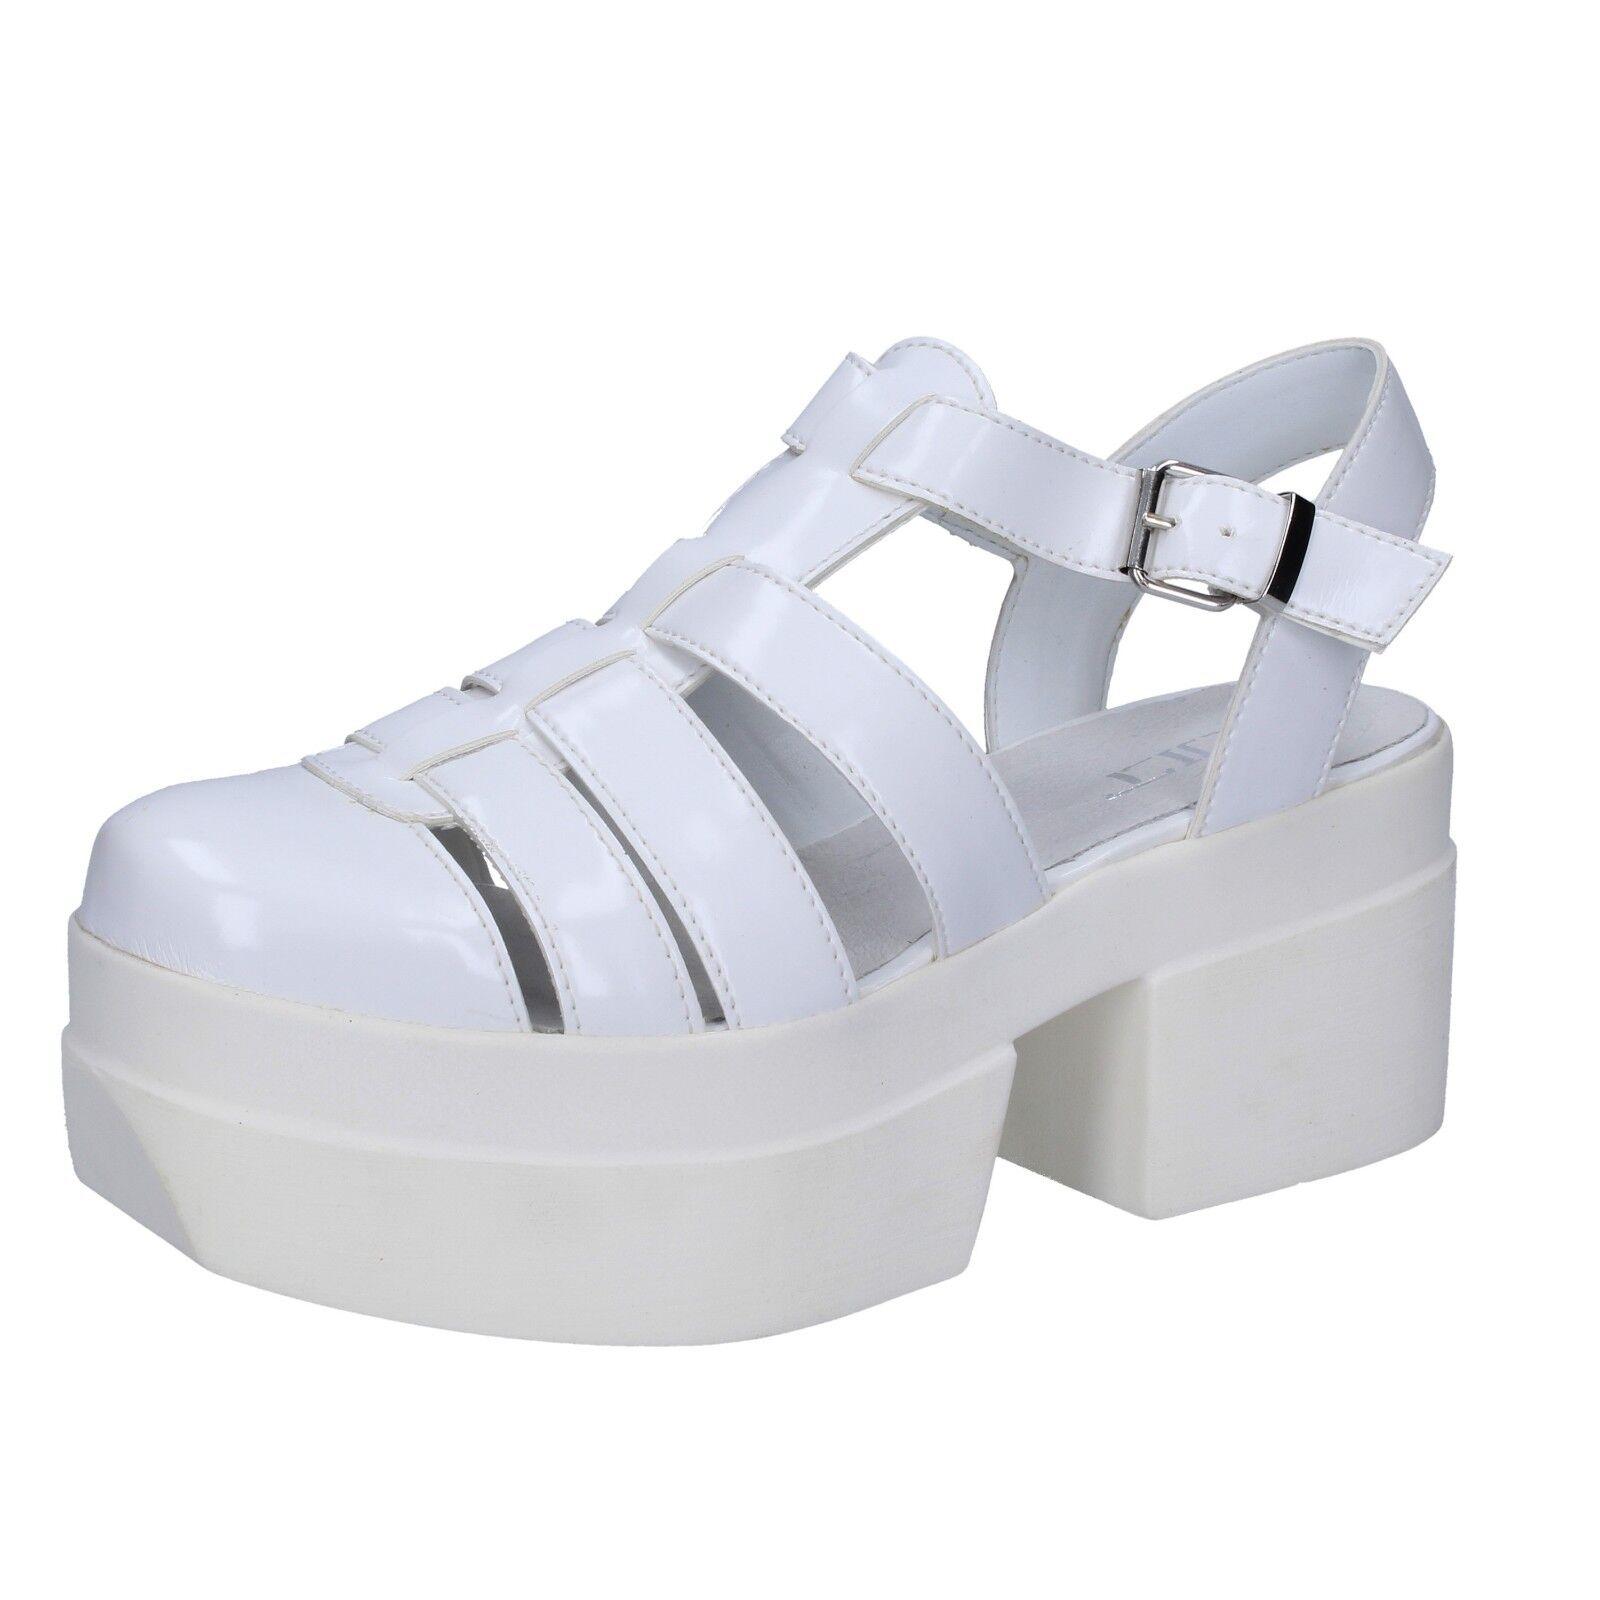 Scarpe DA DONNA CULT 6 (EU 39) Sandali in Pelle Bianco BT539-39